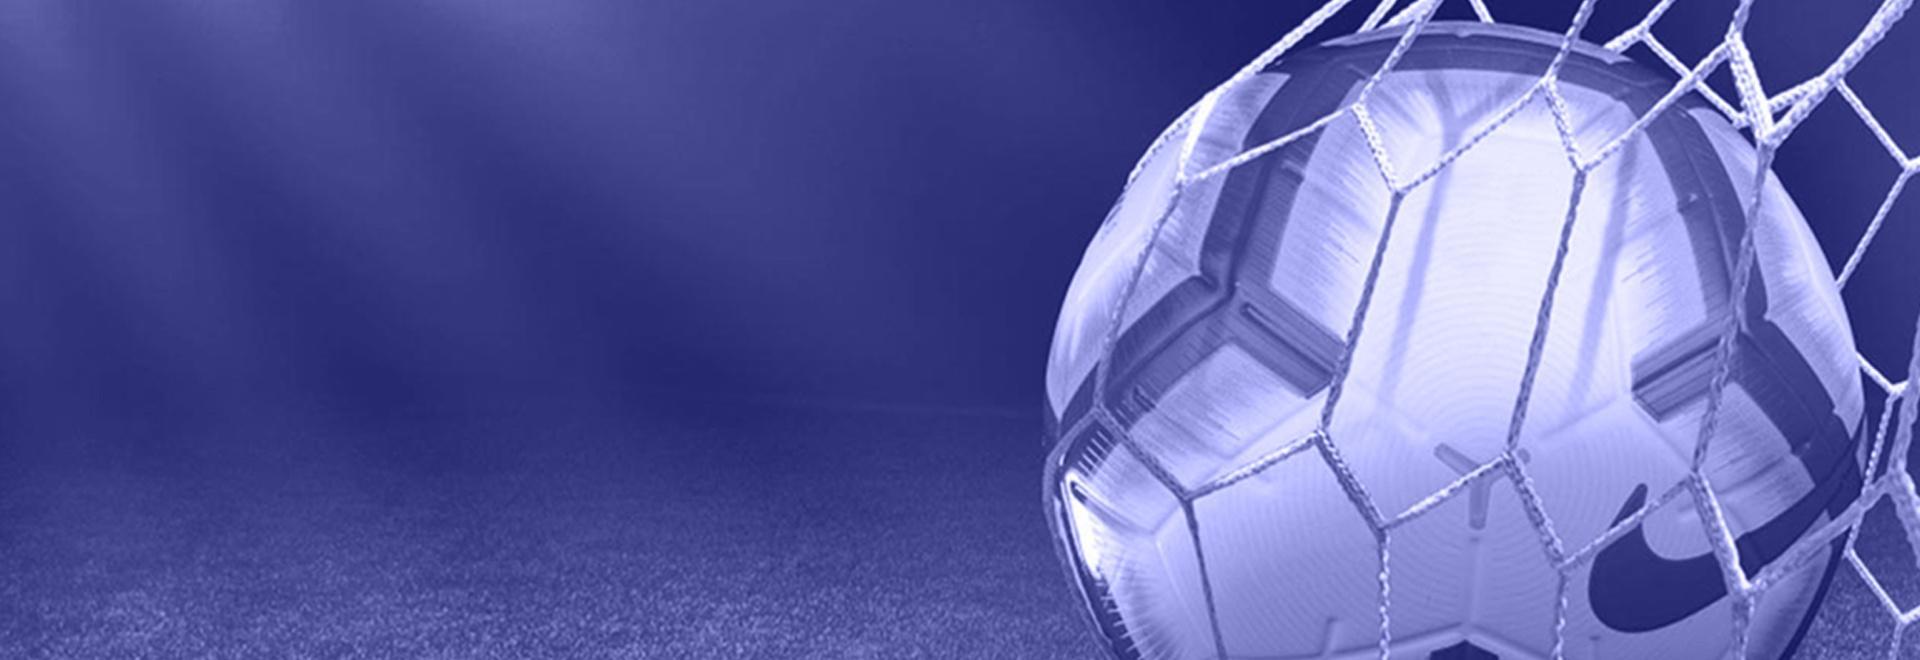 Juventus - Milan 21/11/15. 13a g.